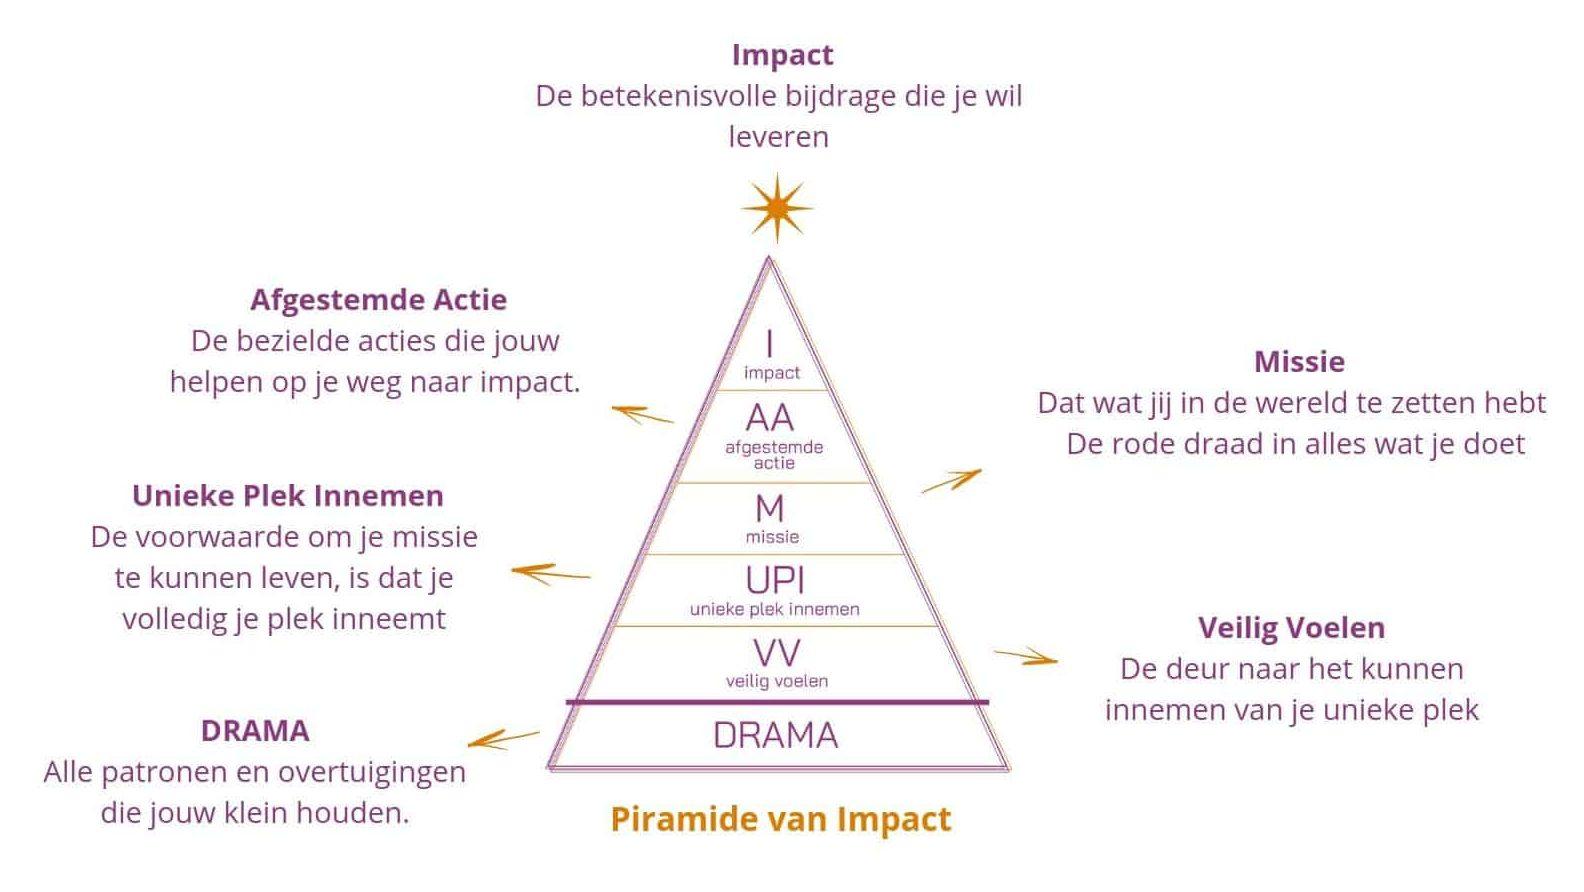 Piramide van Impact-Linsy Hellegers(1)